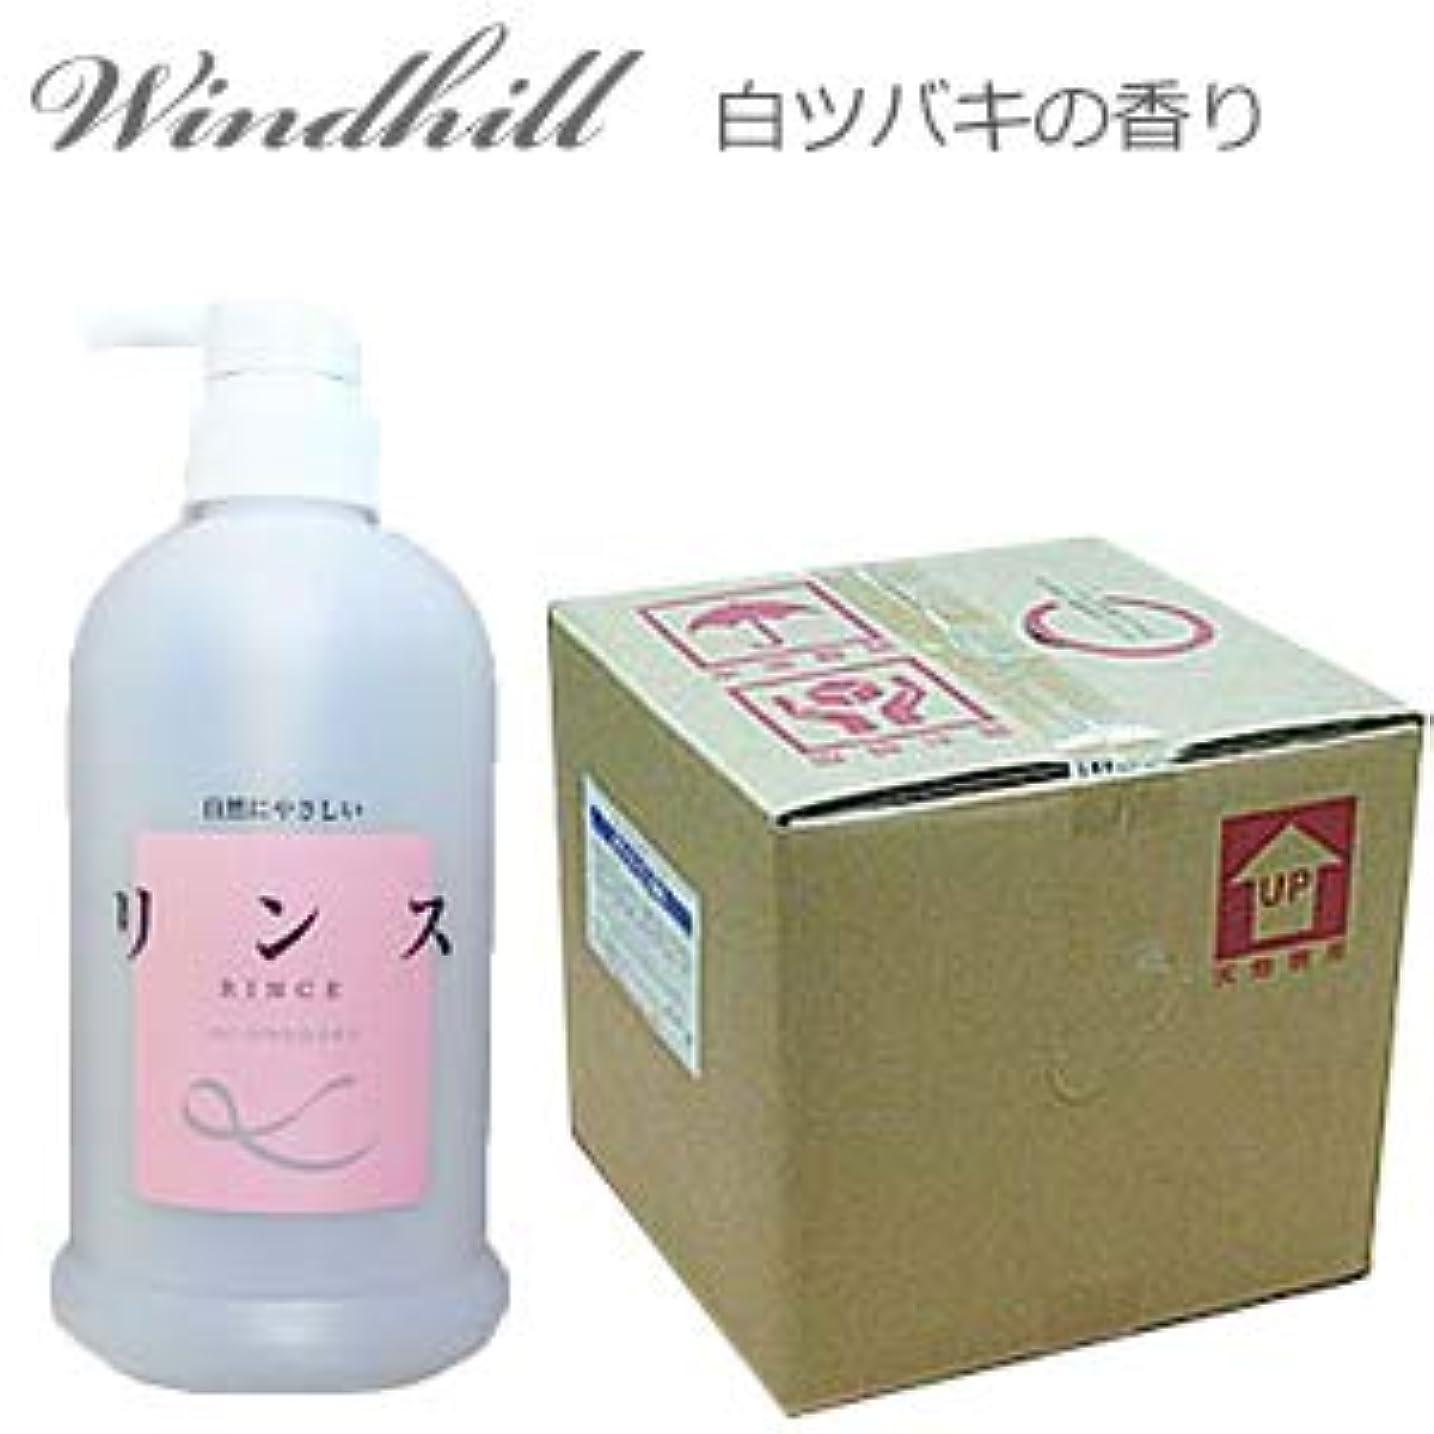 パステル連邦中毒なんと! 500ml当り175円 Windhill 植物性 業務用 リンス 白ツバキの香り 20L